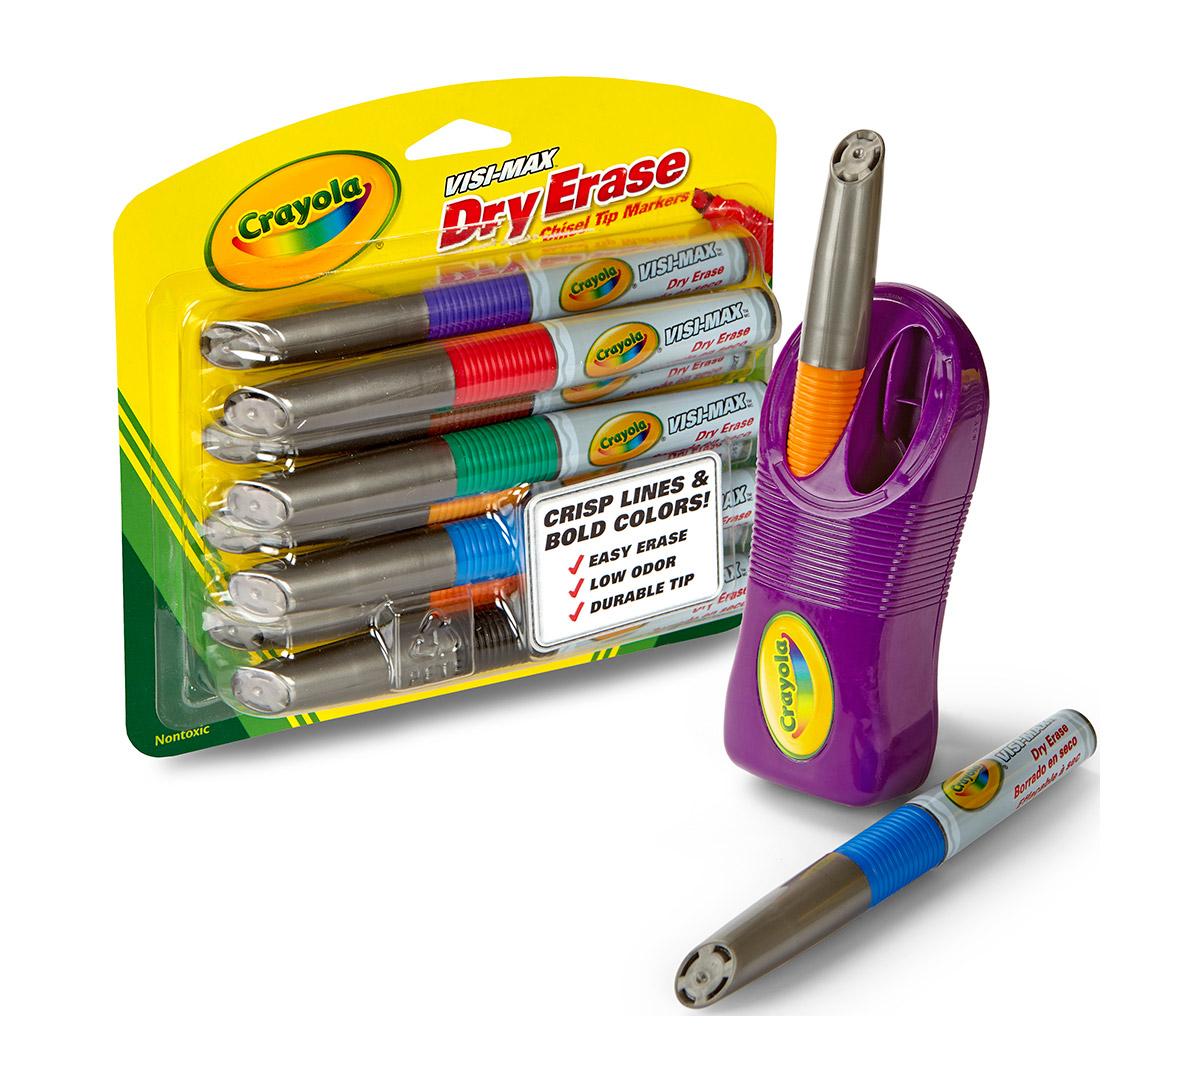 Visi-Max Dry-Erase Markers & Magnetic Eraser Set